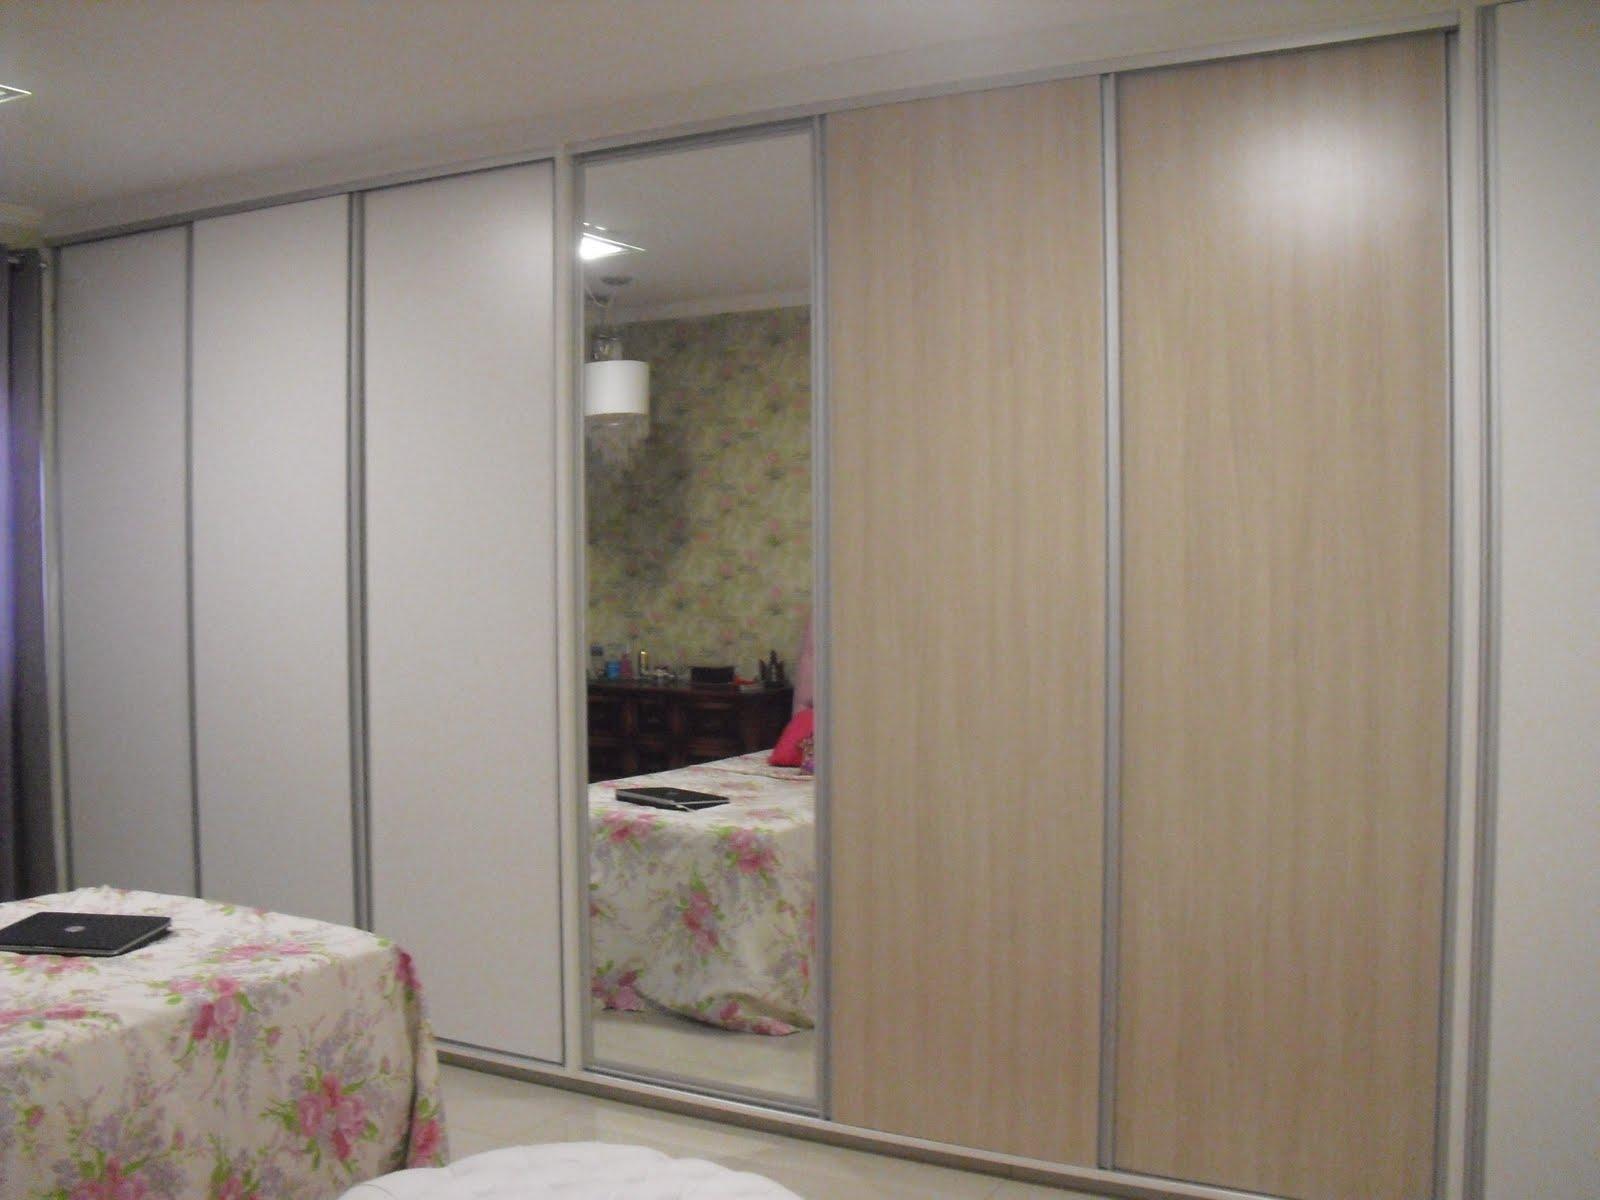 Todos os armários Dell Anno tanto no quarto como no banheiro. #6D644D 1600x1200 Armario Banheiro Retro